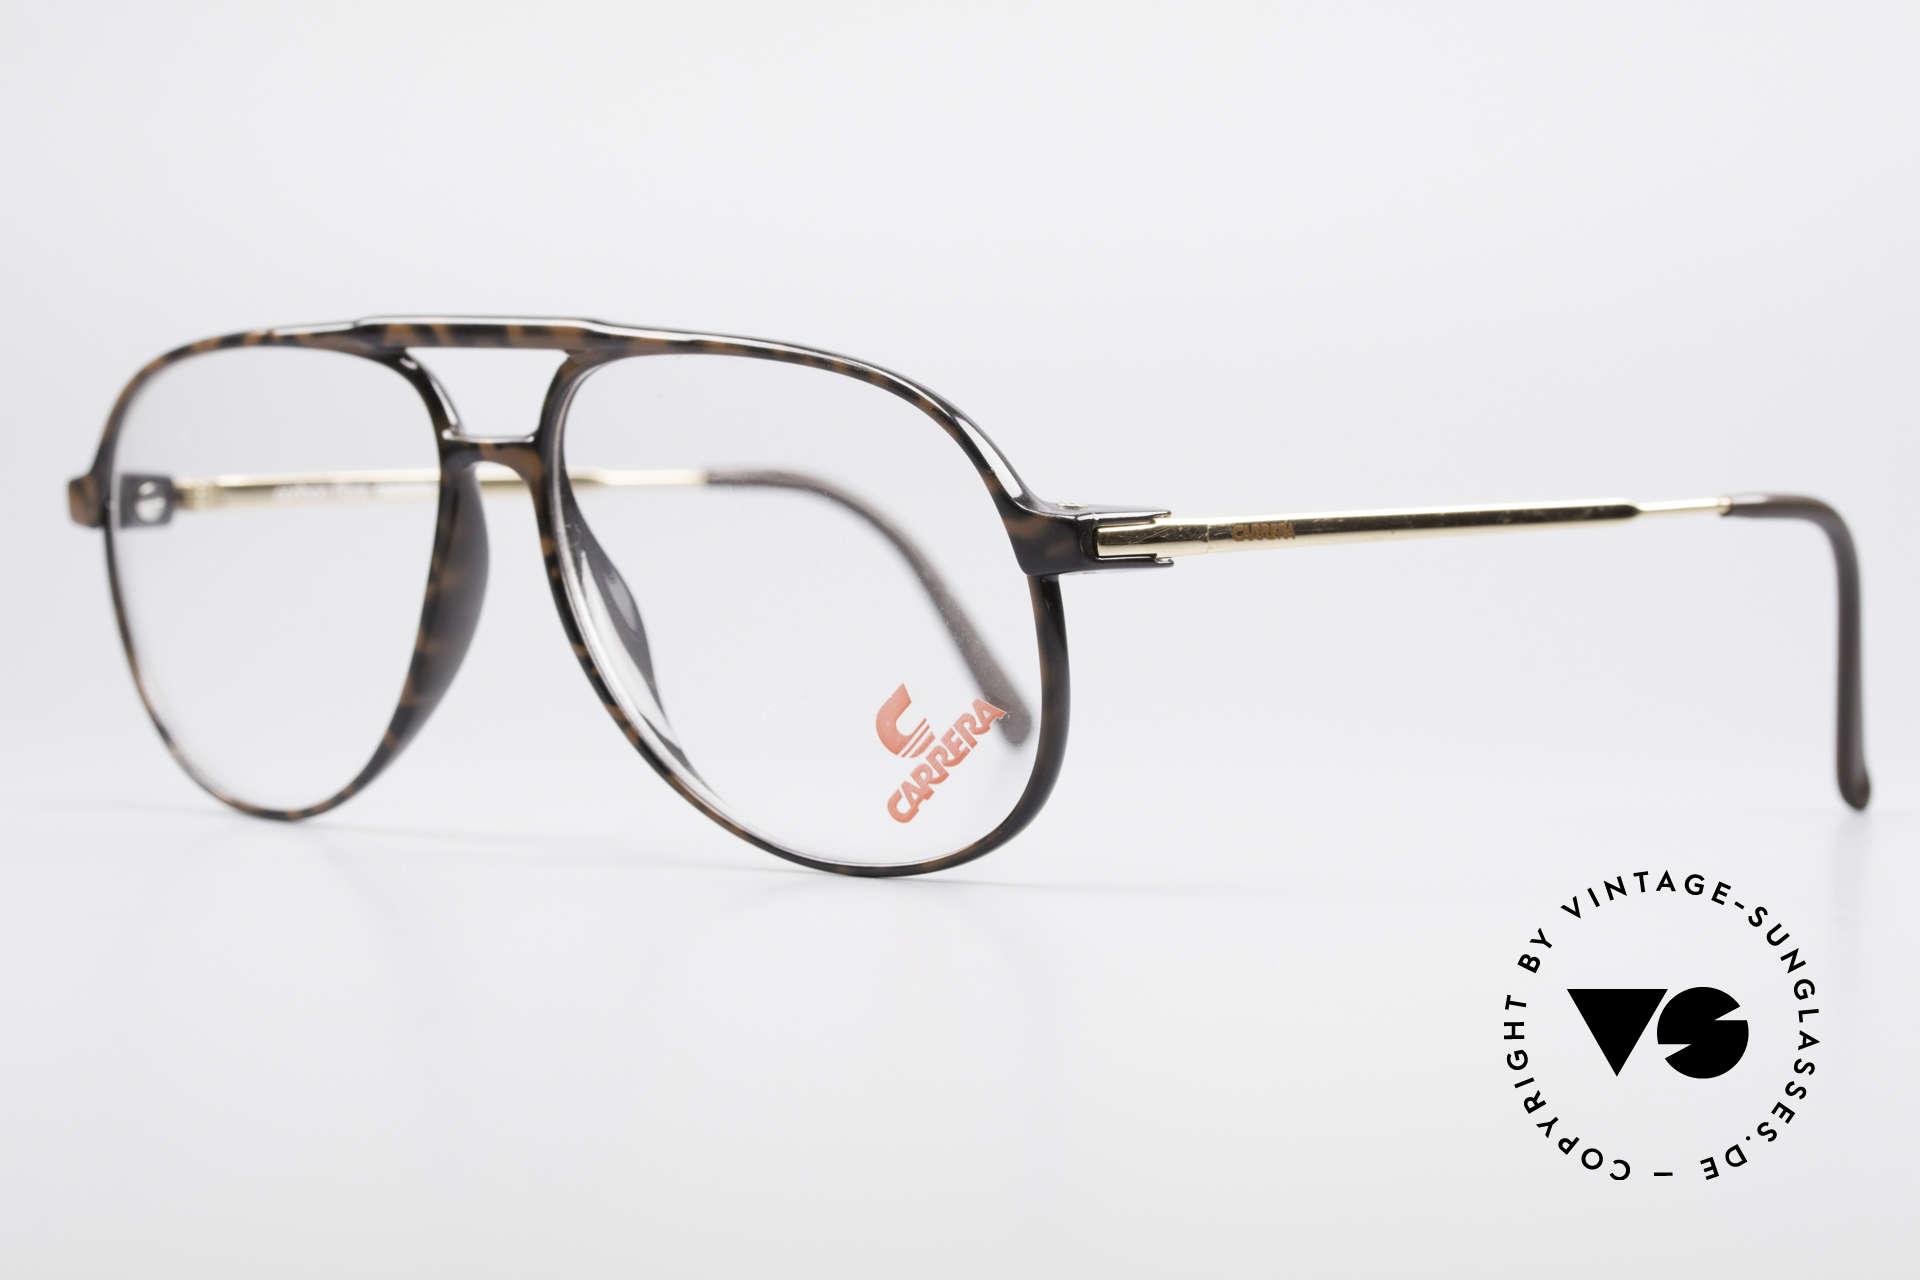 Carrera 5355 Kohlefaser Vintage Brille 90er, enorm komfortabel und sehr angenehm zu tragen, Passend für Herren